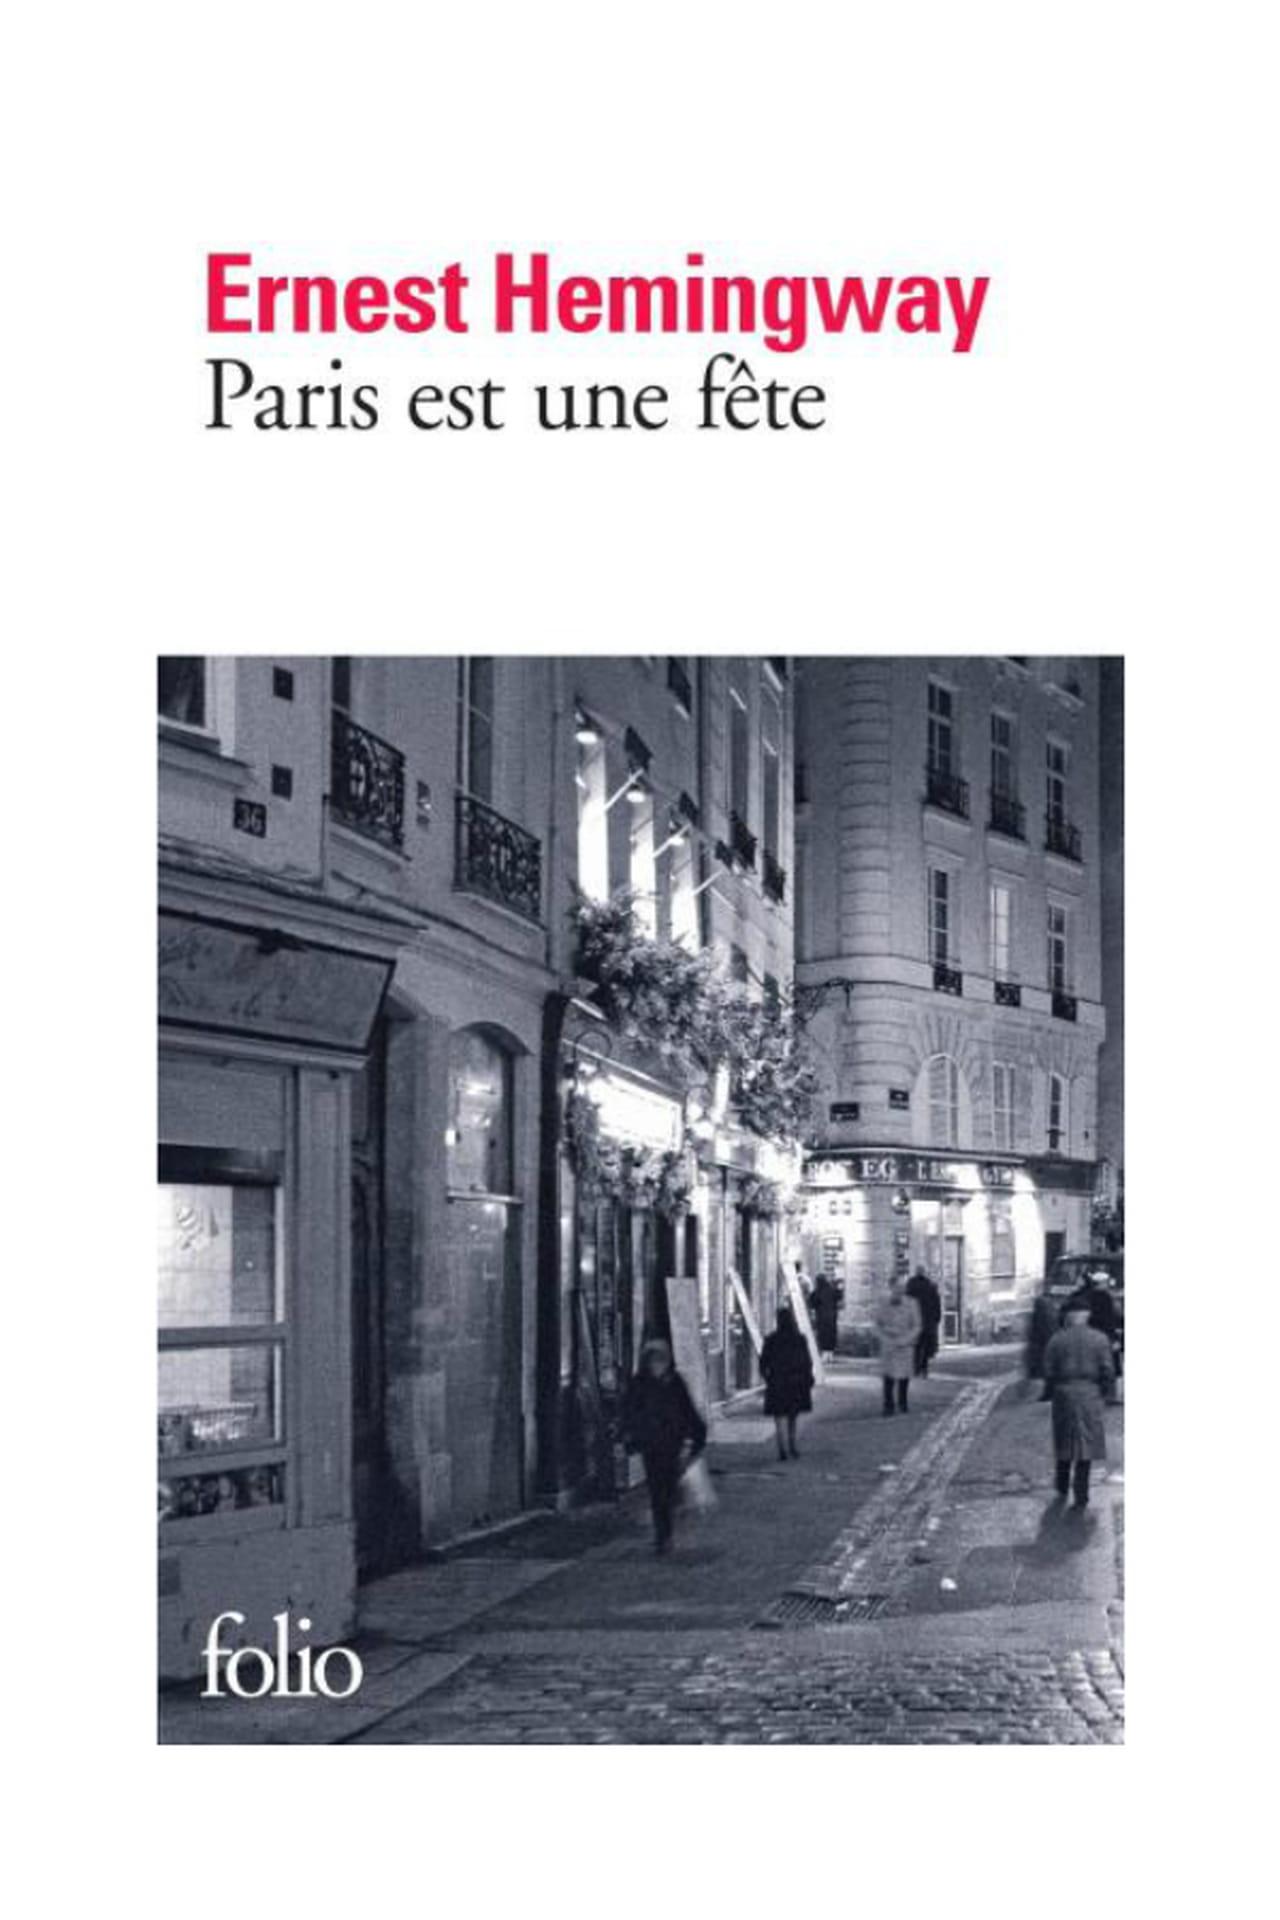 Paris est une fête (Ernest Hemingway)